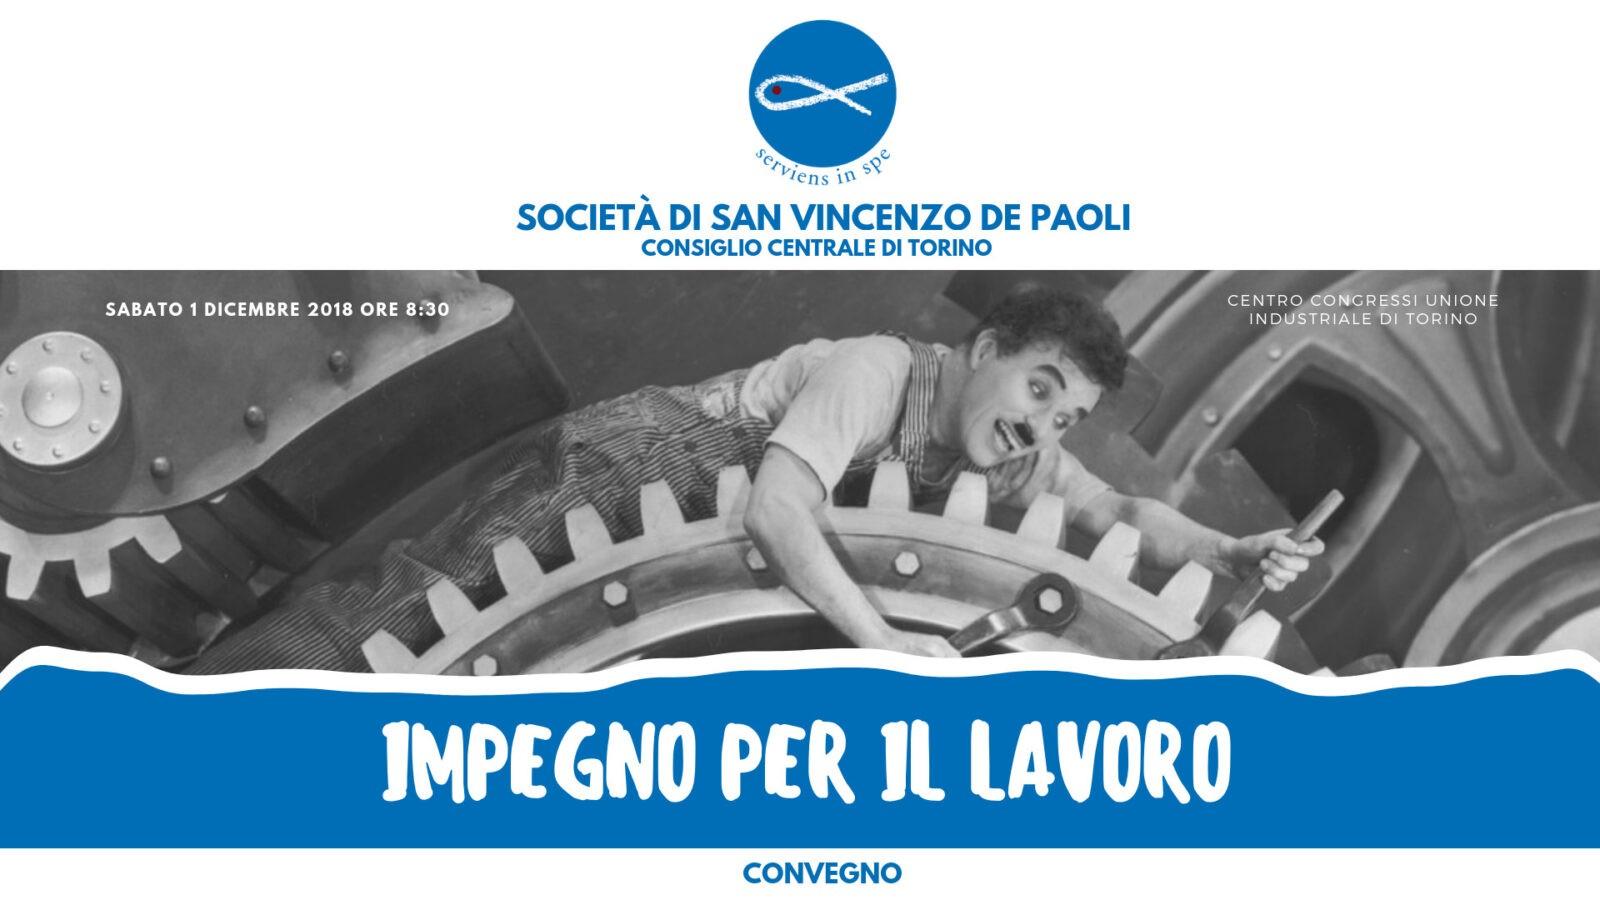 Convegno Sul Lavoro, Società di San Vincenzo De Paoli